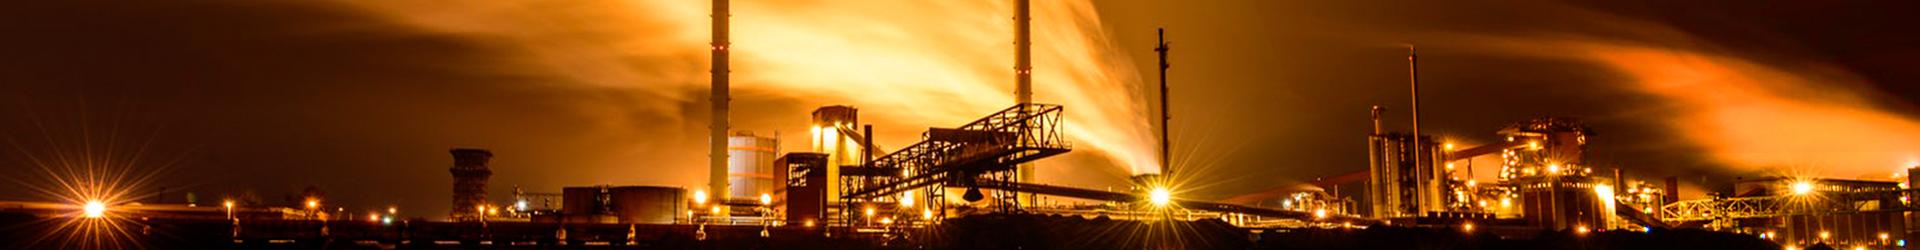 大连中汇矿产有限公司